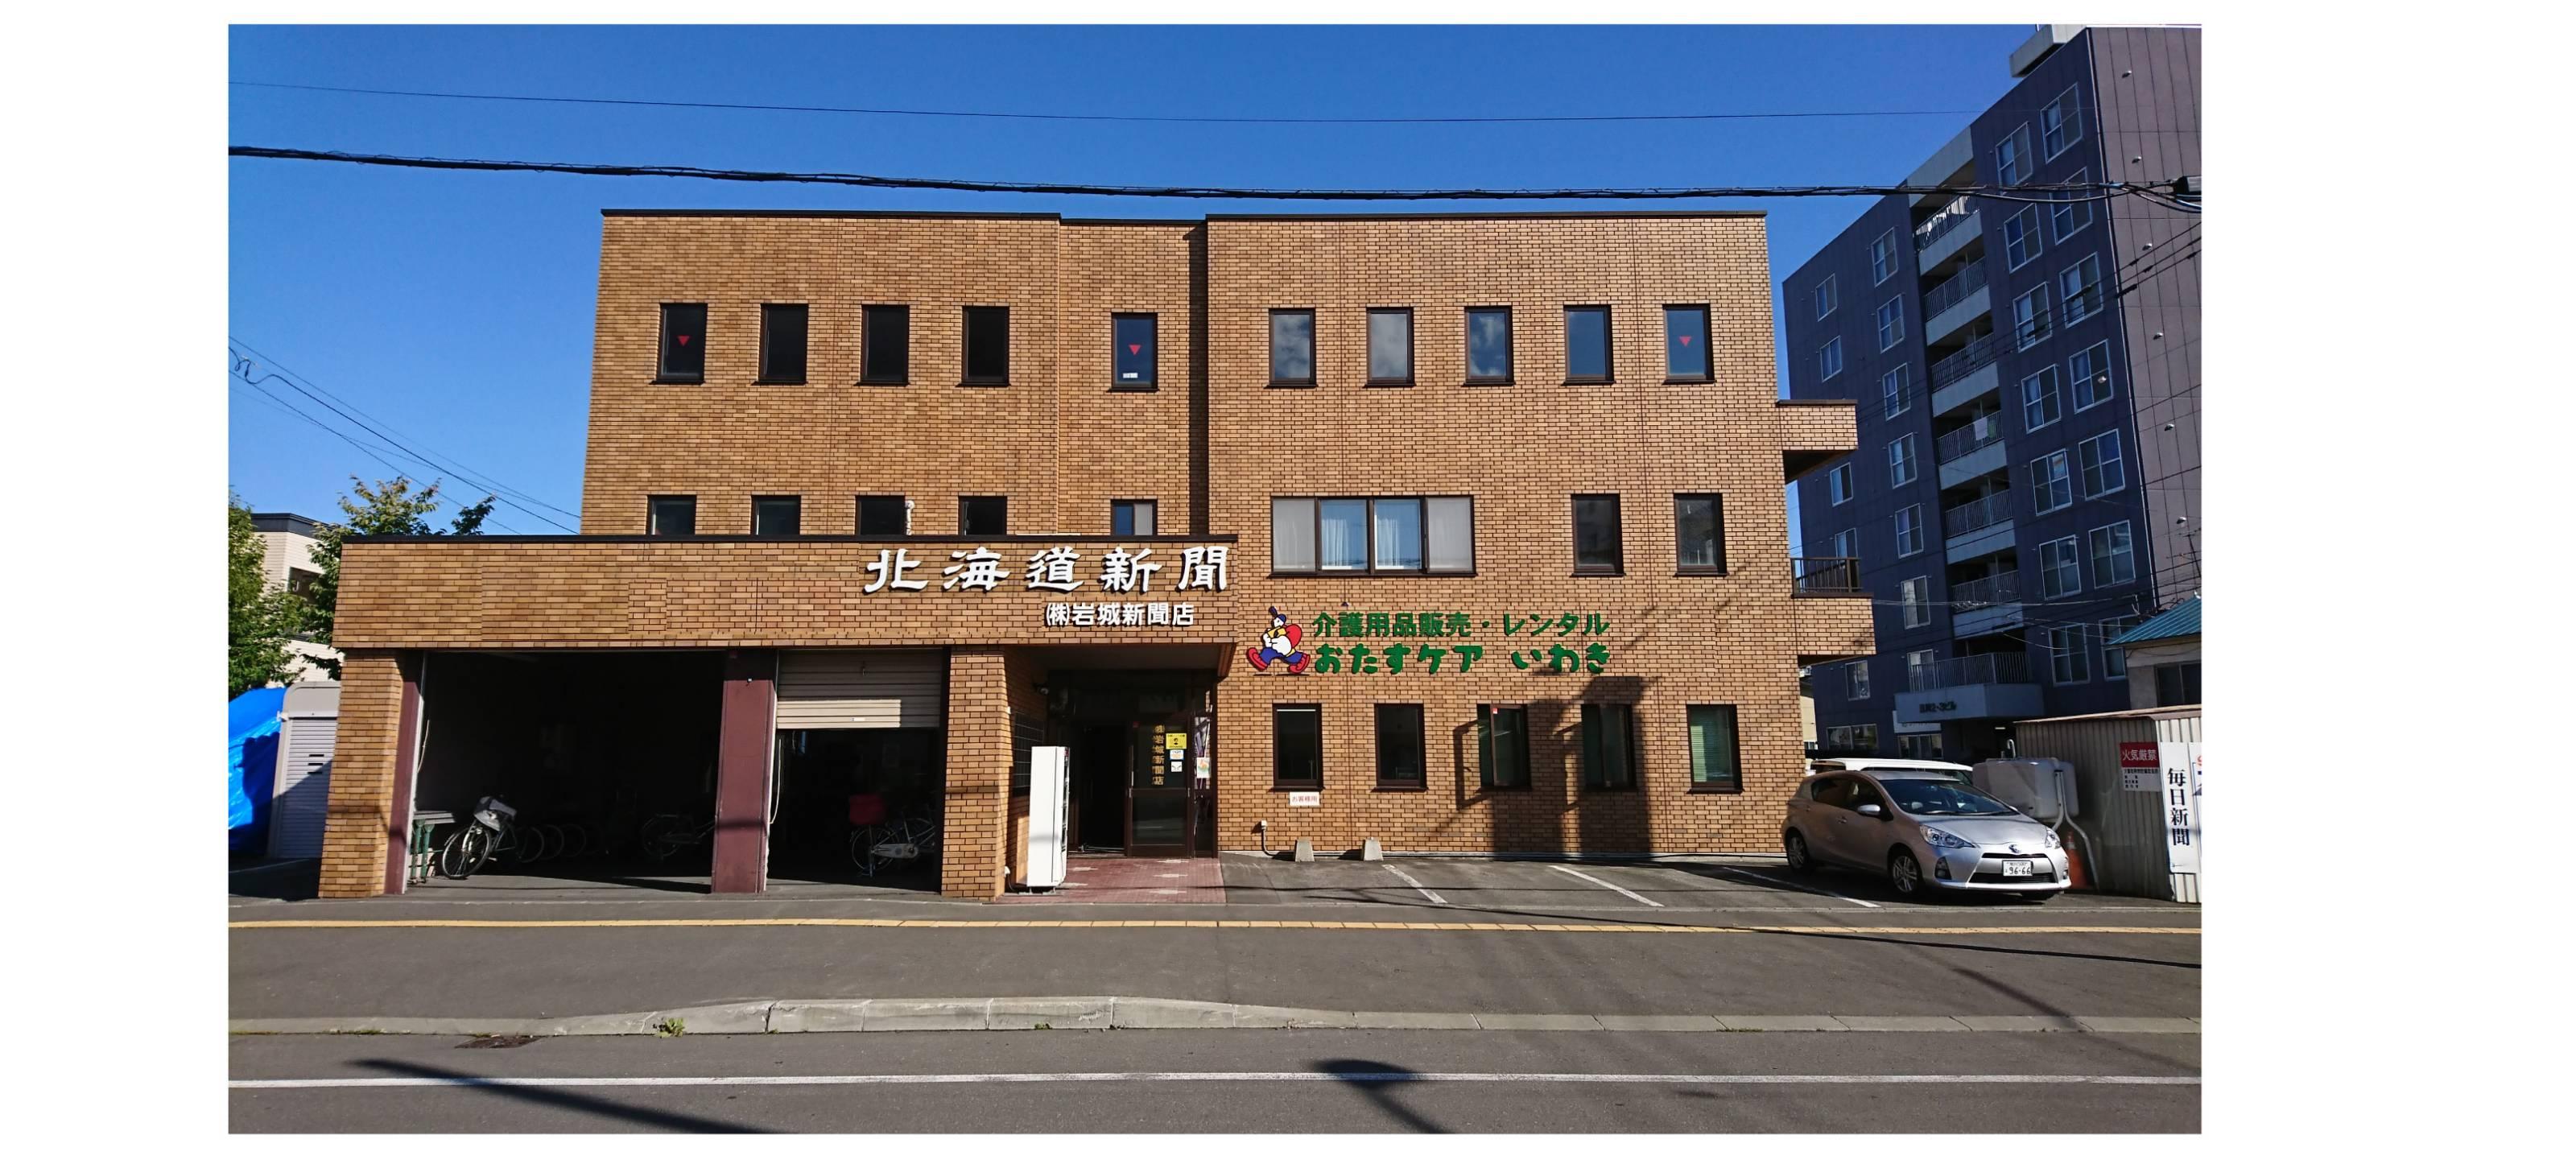 株式会社 岩城新聞店